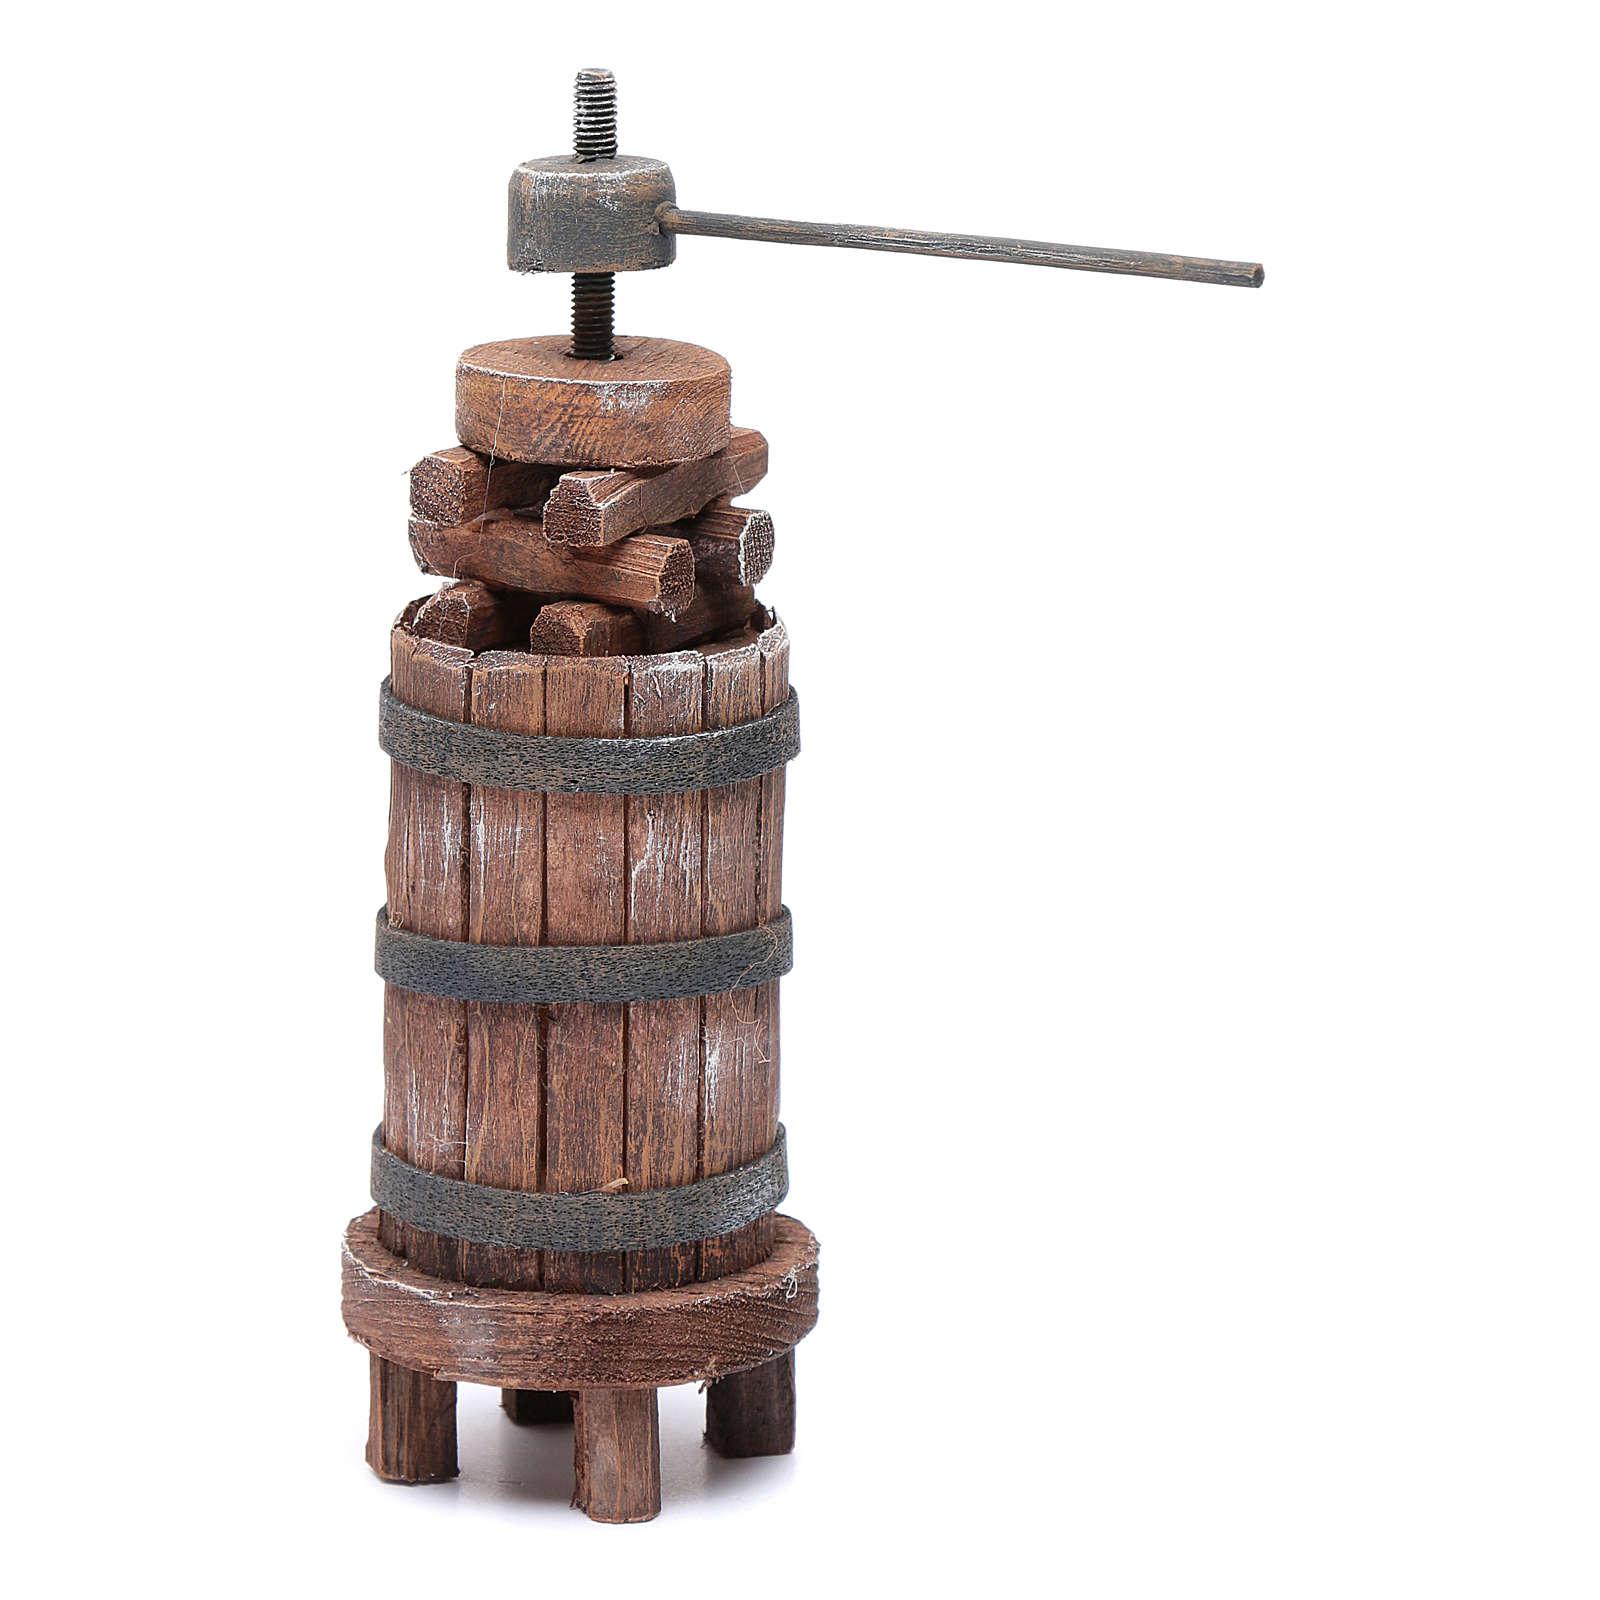 Torchio di legno per presepe h 18,5 cm 4